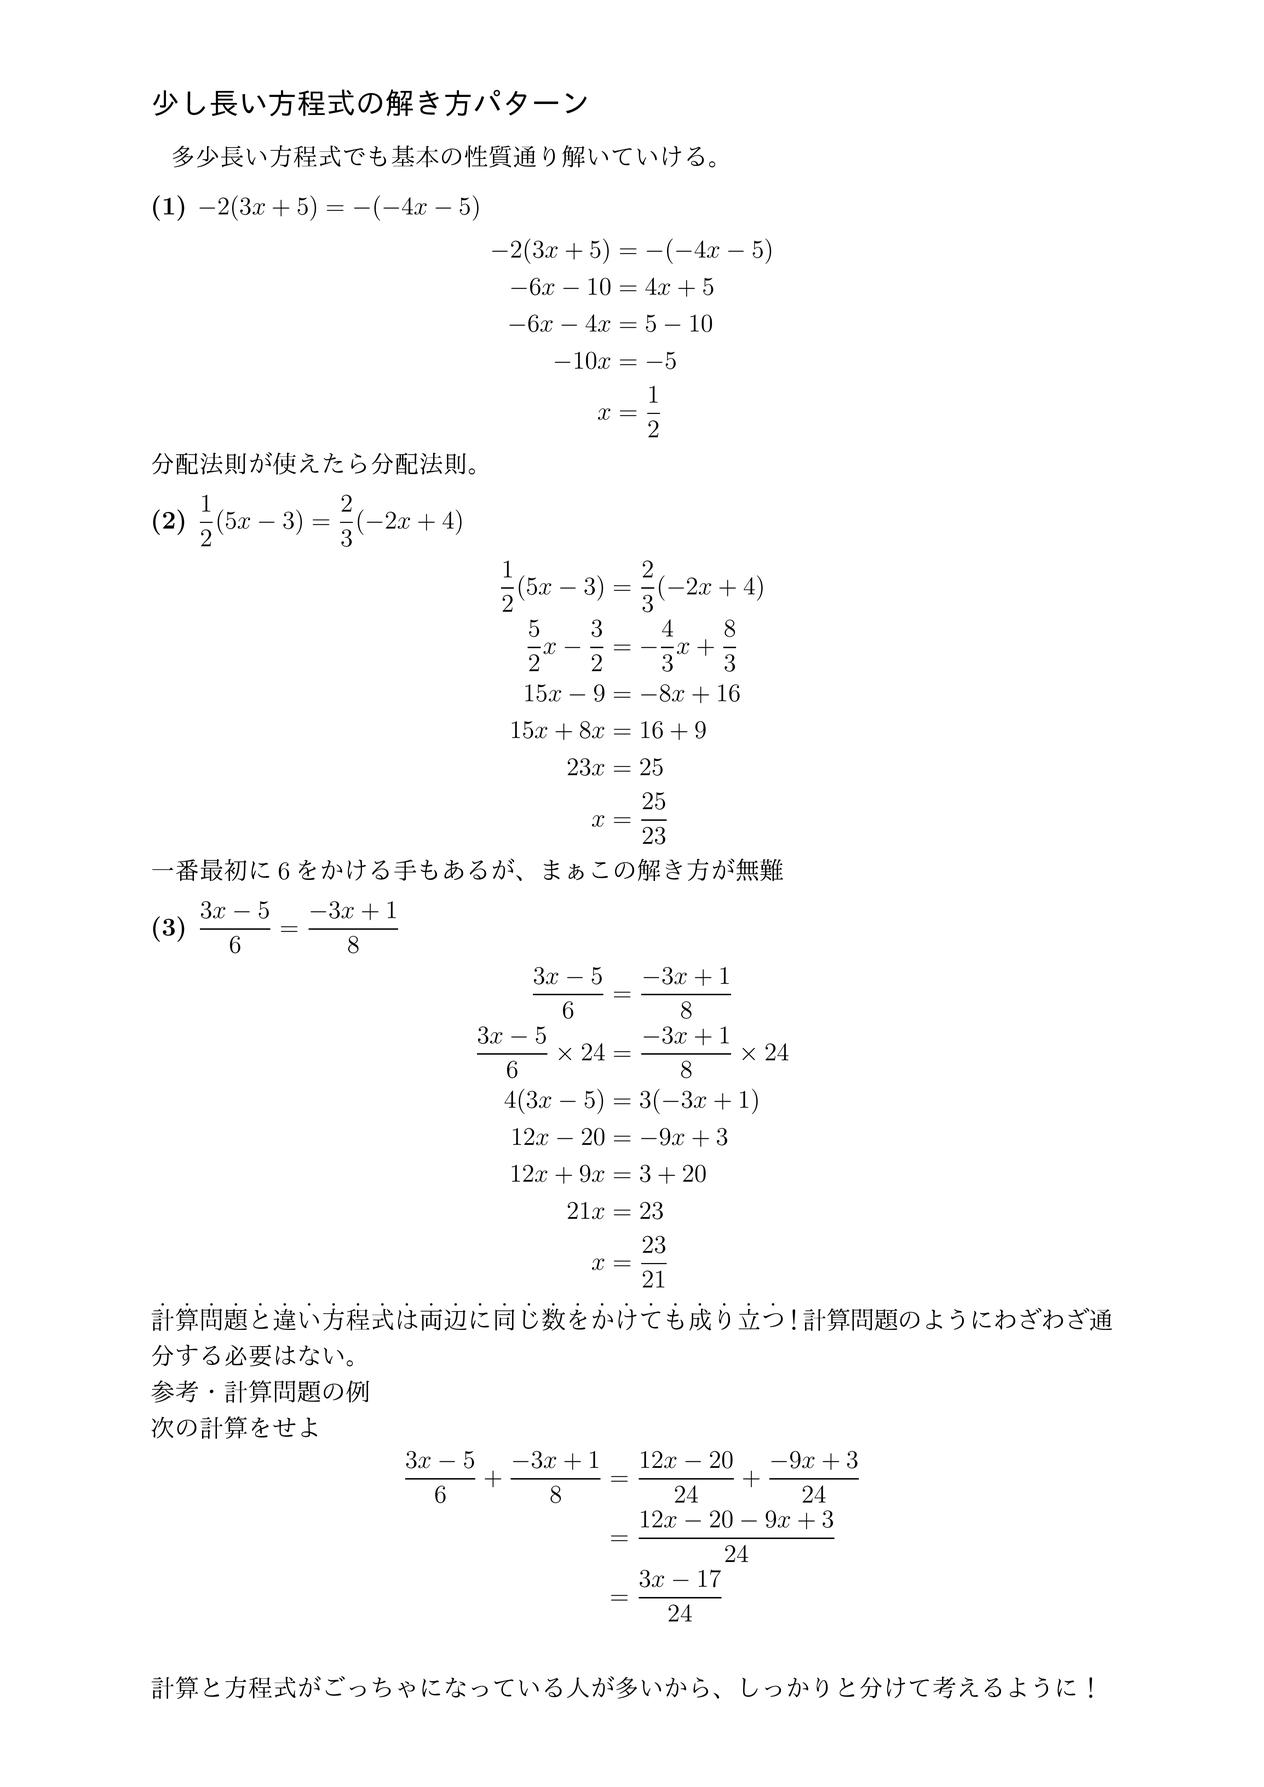 ちょっと難しそうな方程式